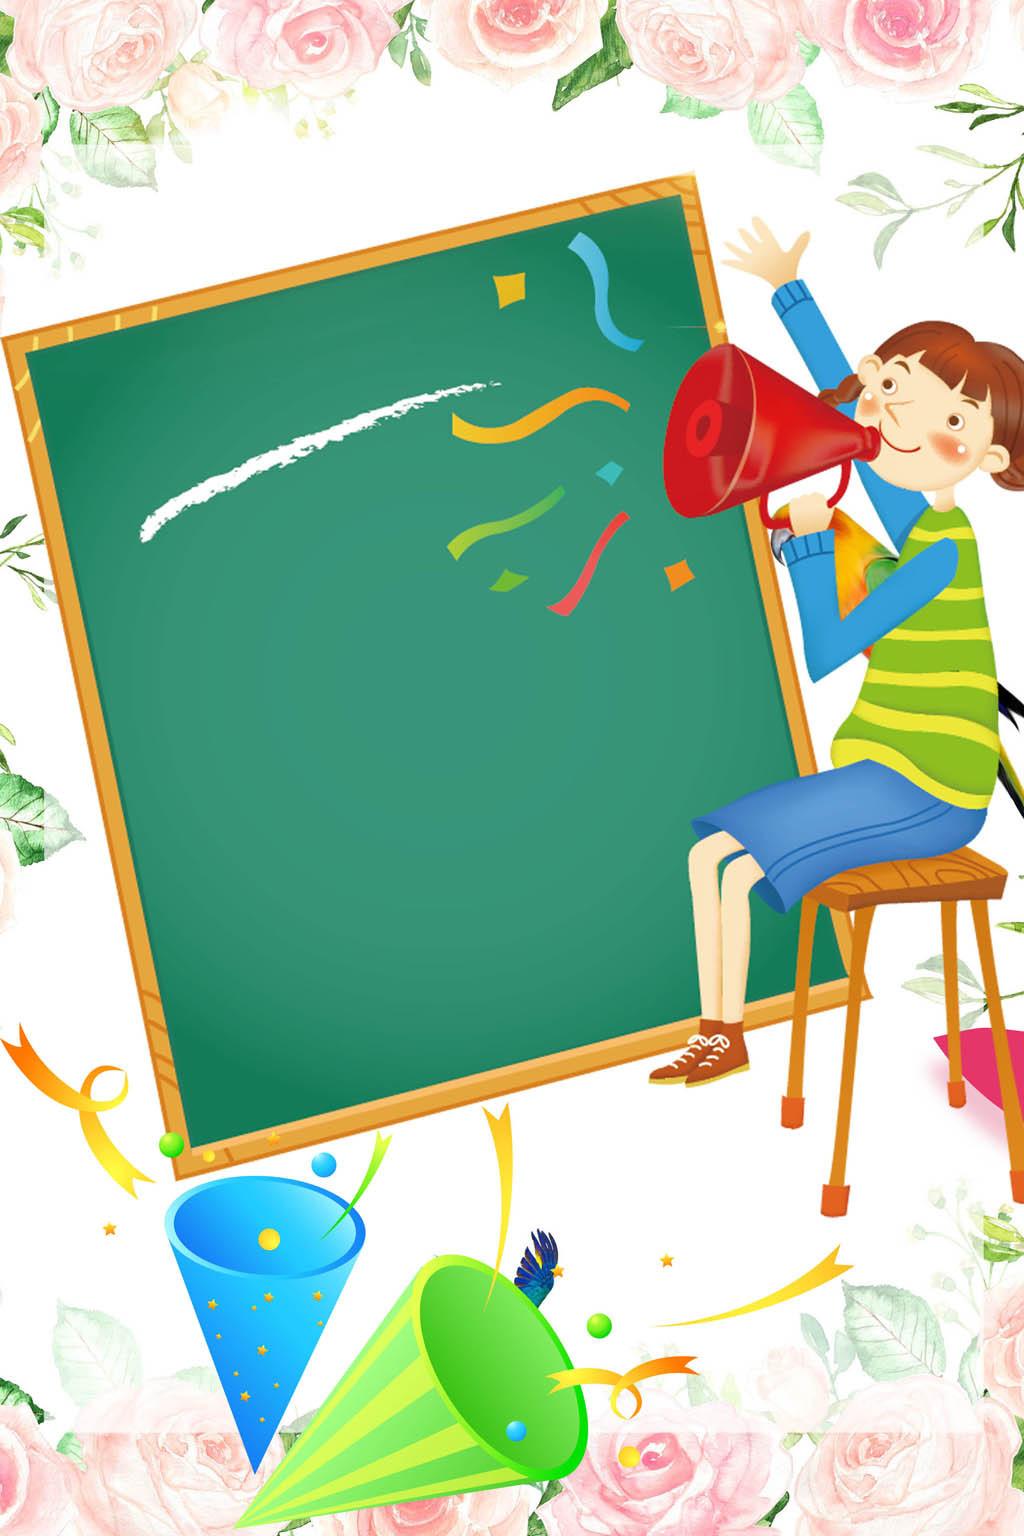 卡通拿喇叭通知公告幼儿园海报